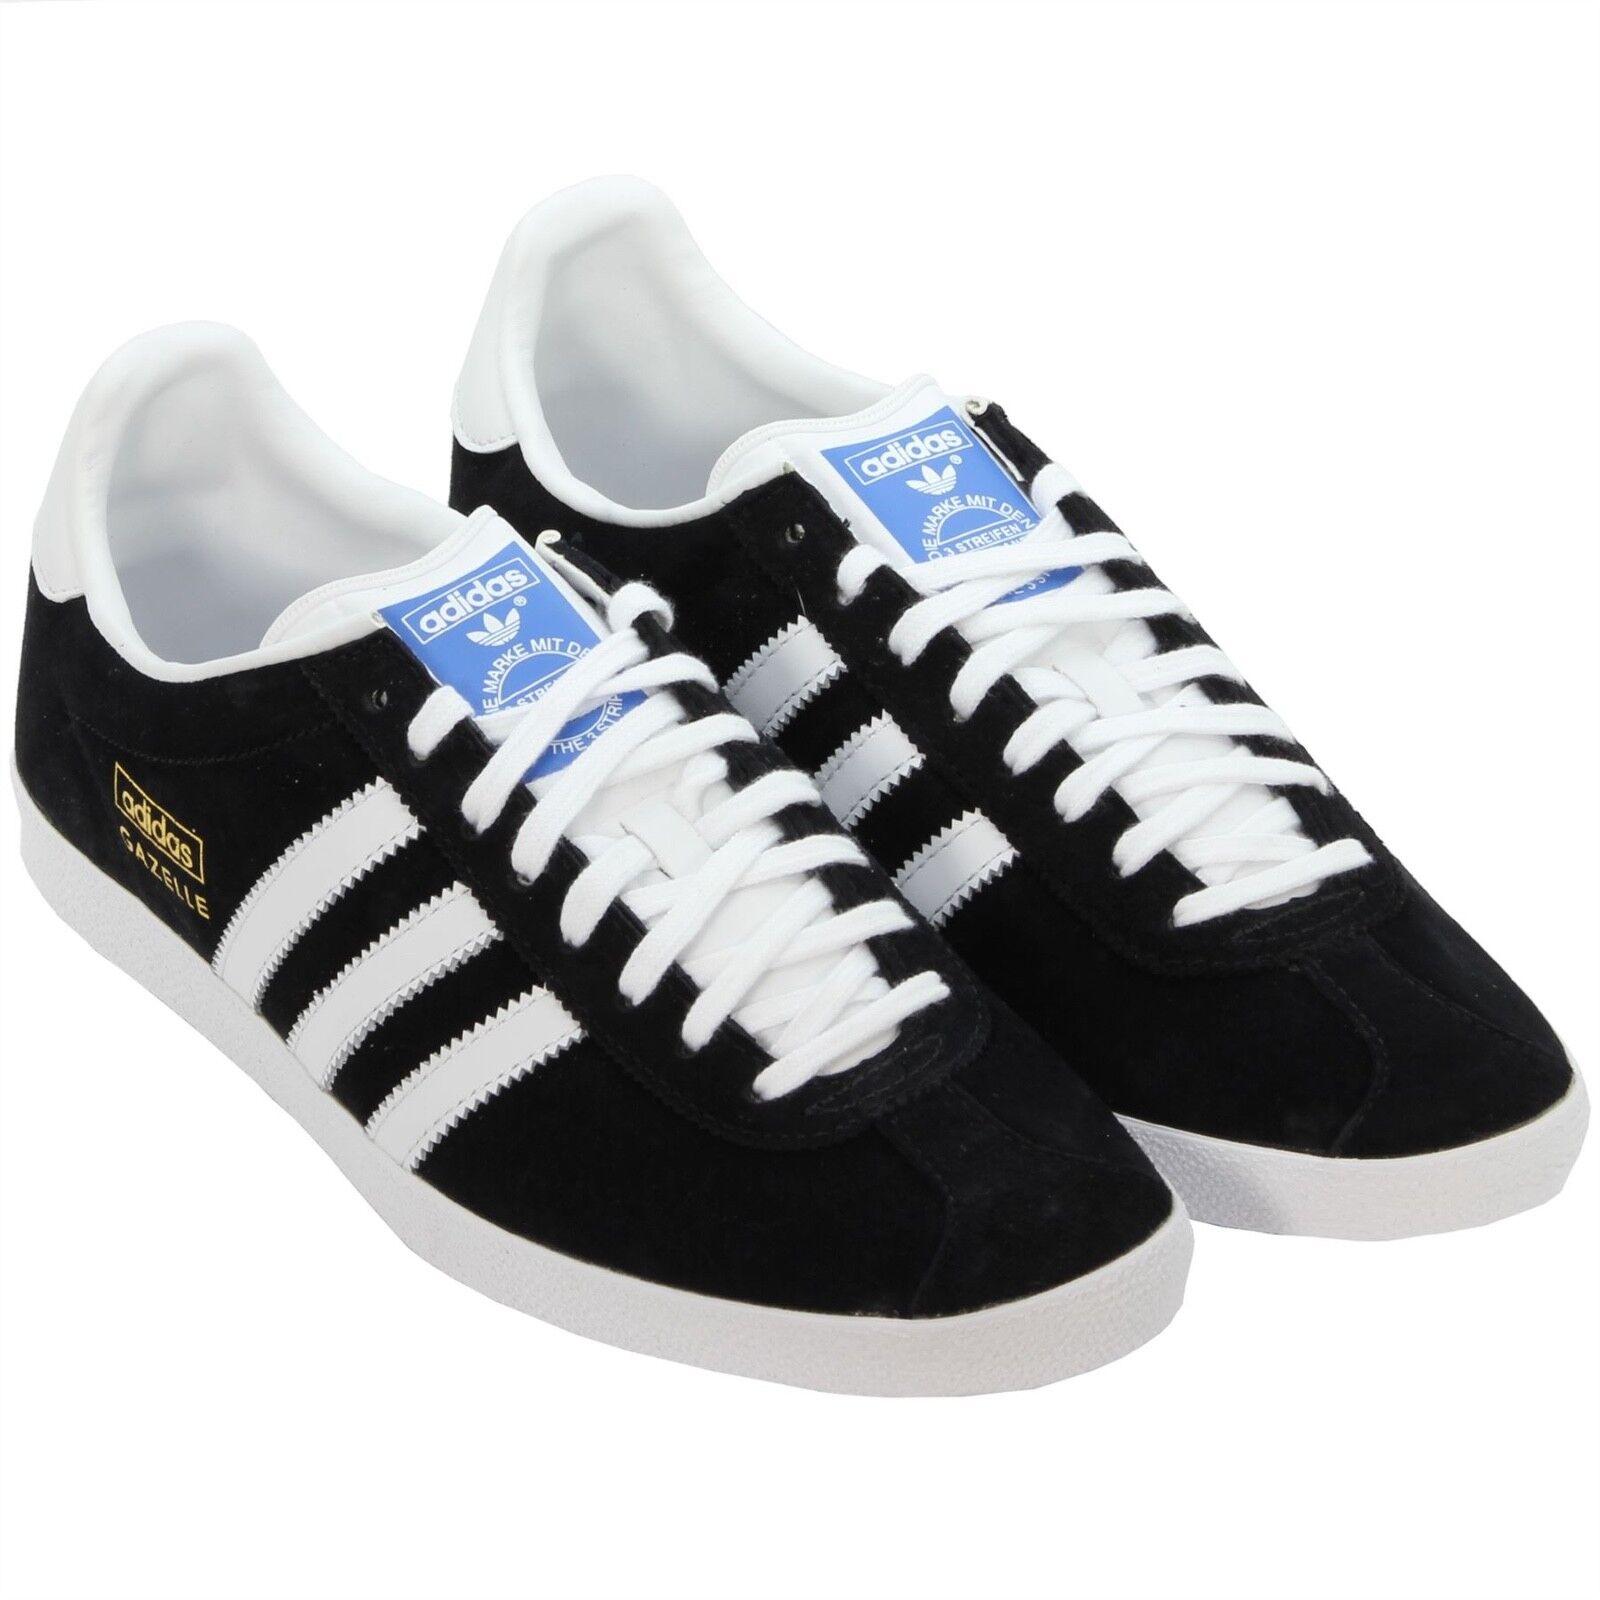 Adidas Gazelle OG Suede para Hombres Zapatillas / Negro / Zapatillas blanco el último descuento zapatos para hombres y mujeres 9840f7